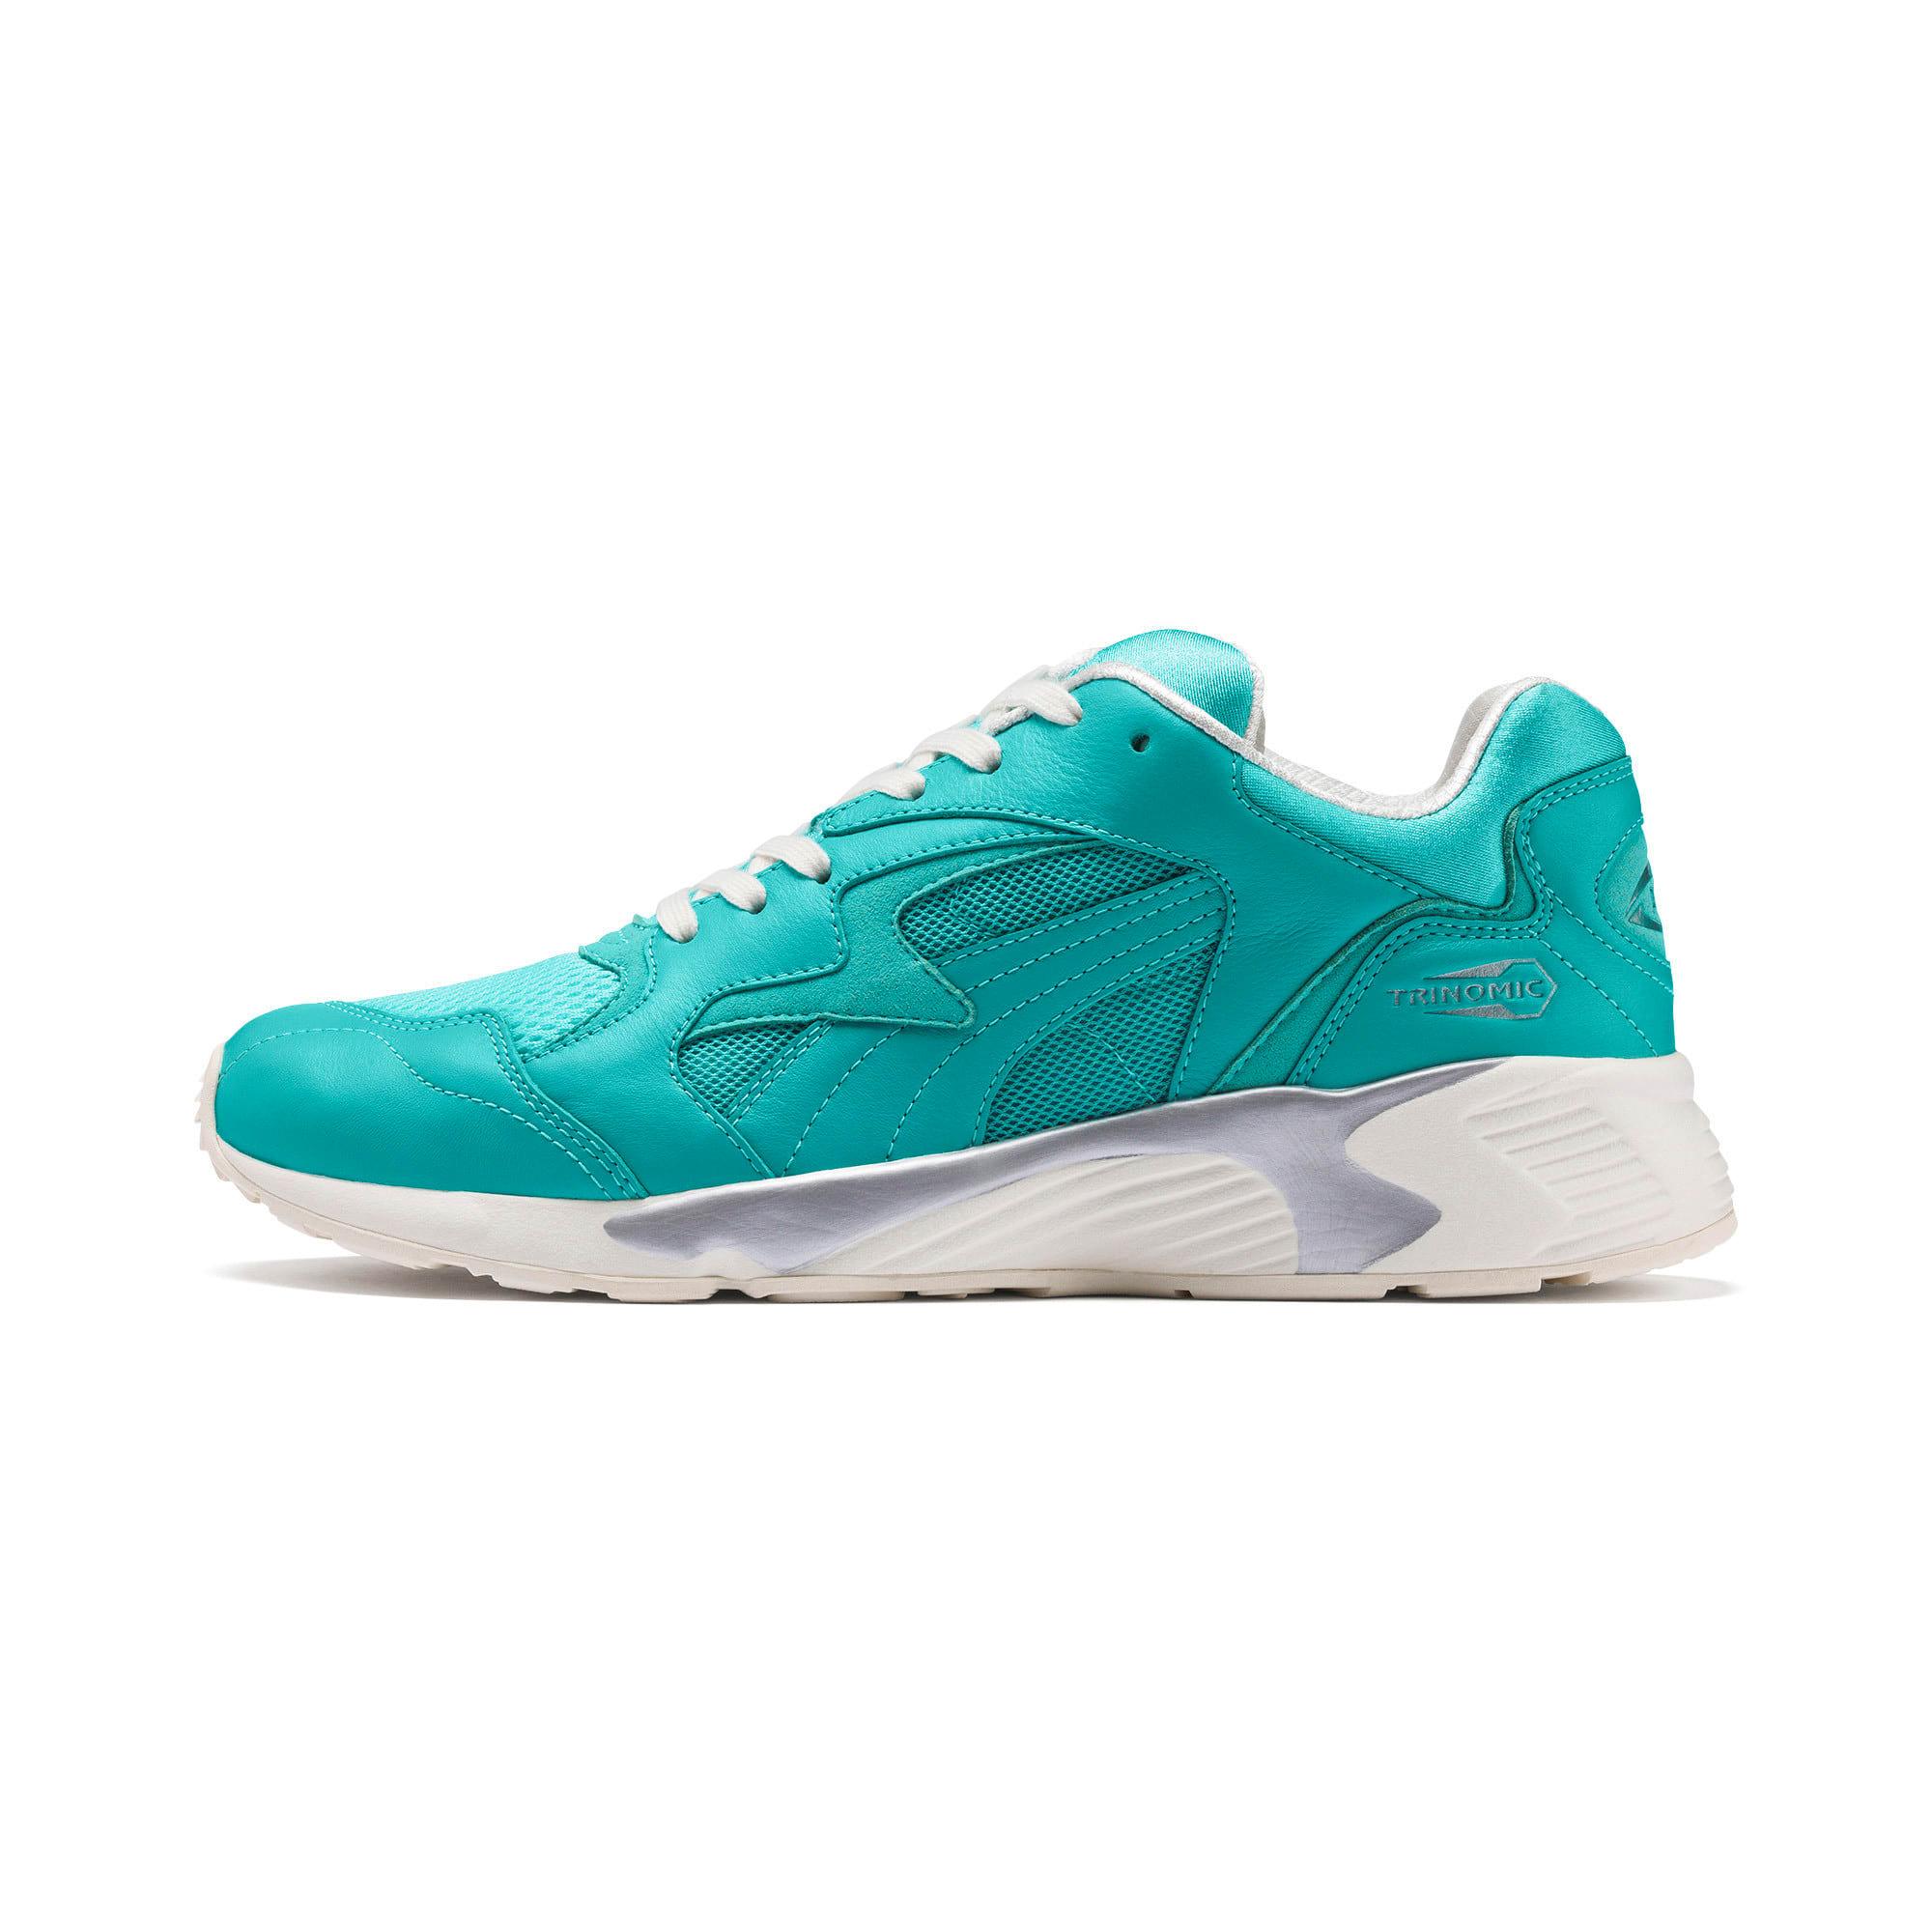 Miniatura 1 de Zapatos deportivosPrevail IR Reality, Blue Turquoise-Whisper White, mediano